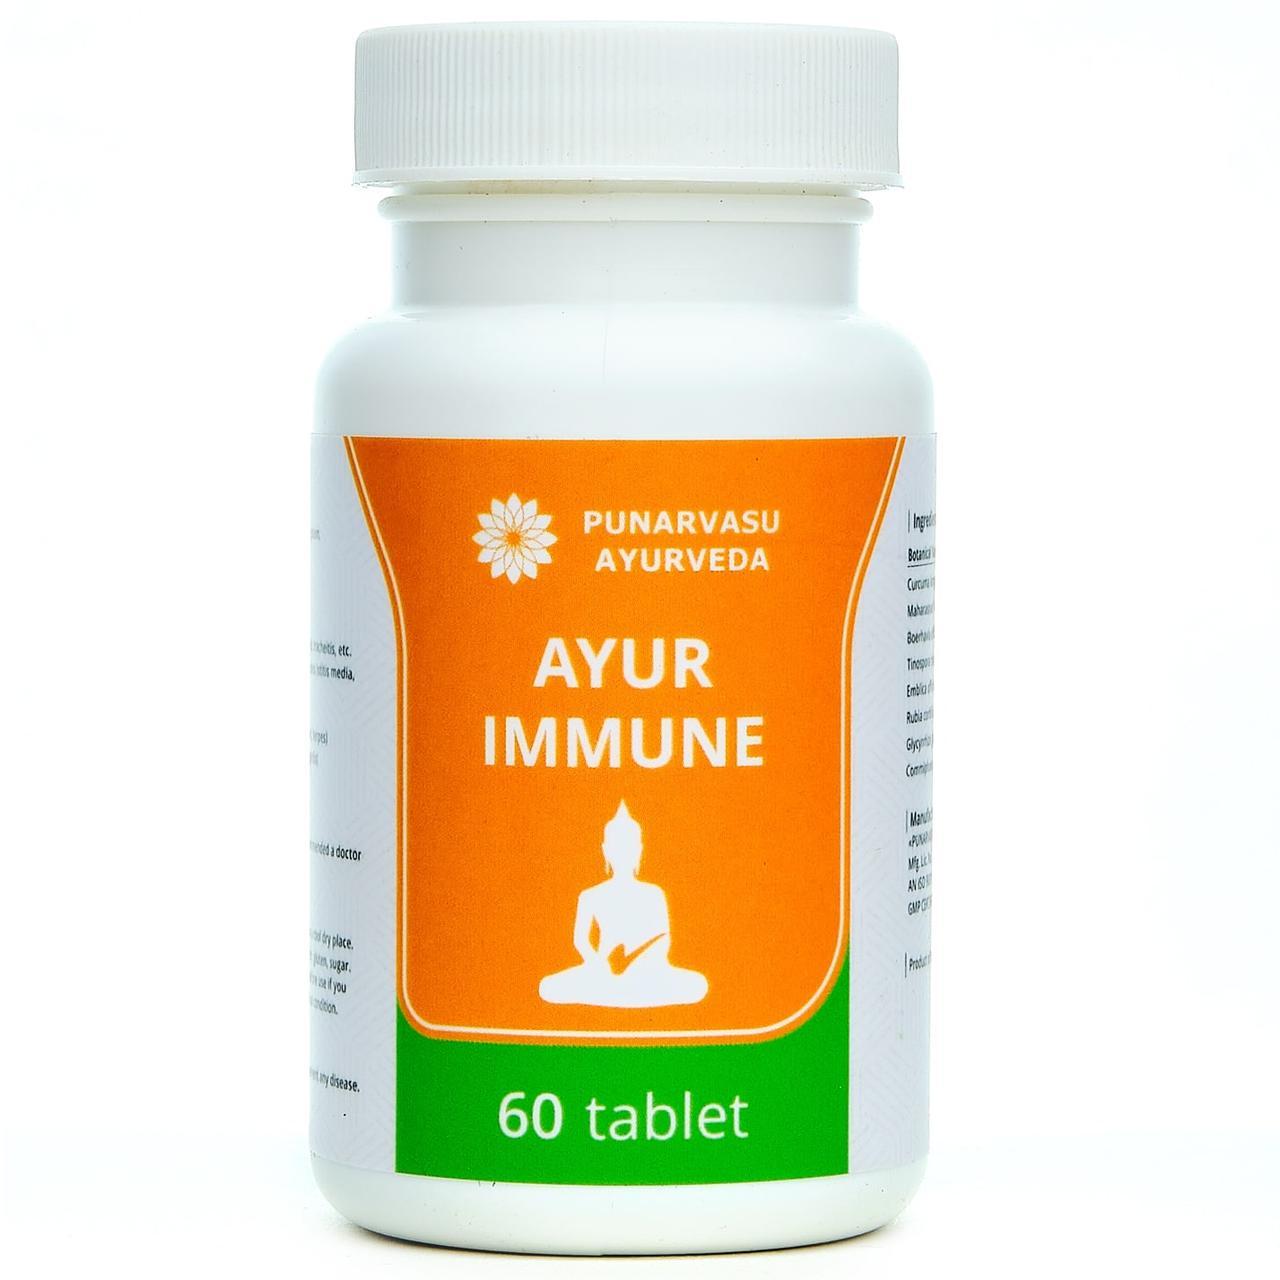 Аюр імун / Ayur Immune - посилення імунітету, при застуді, грипі та вірусних інфекціях - Пунарвасу - 60 таб